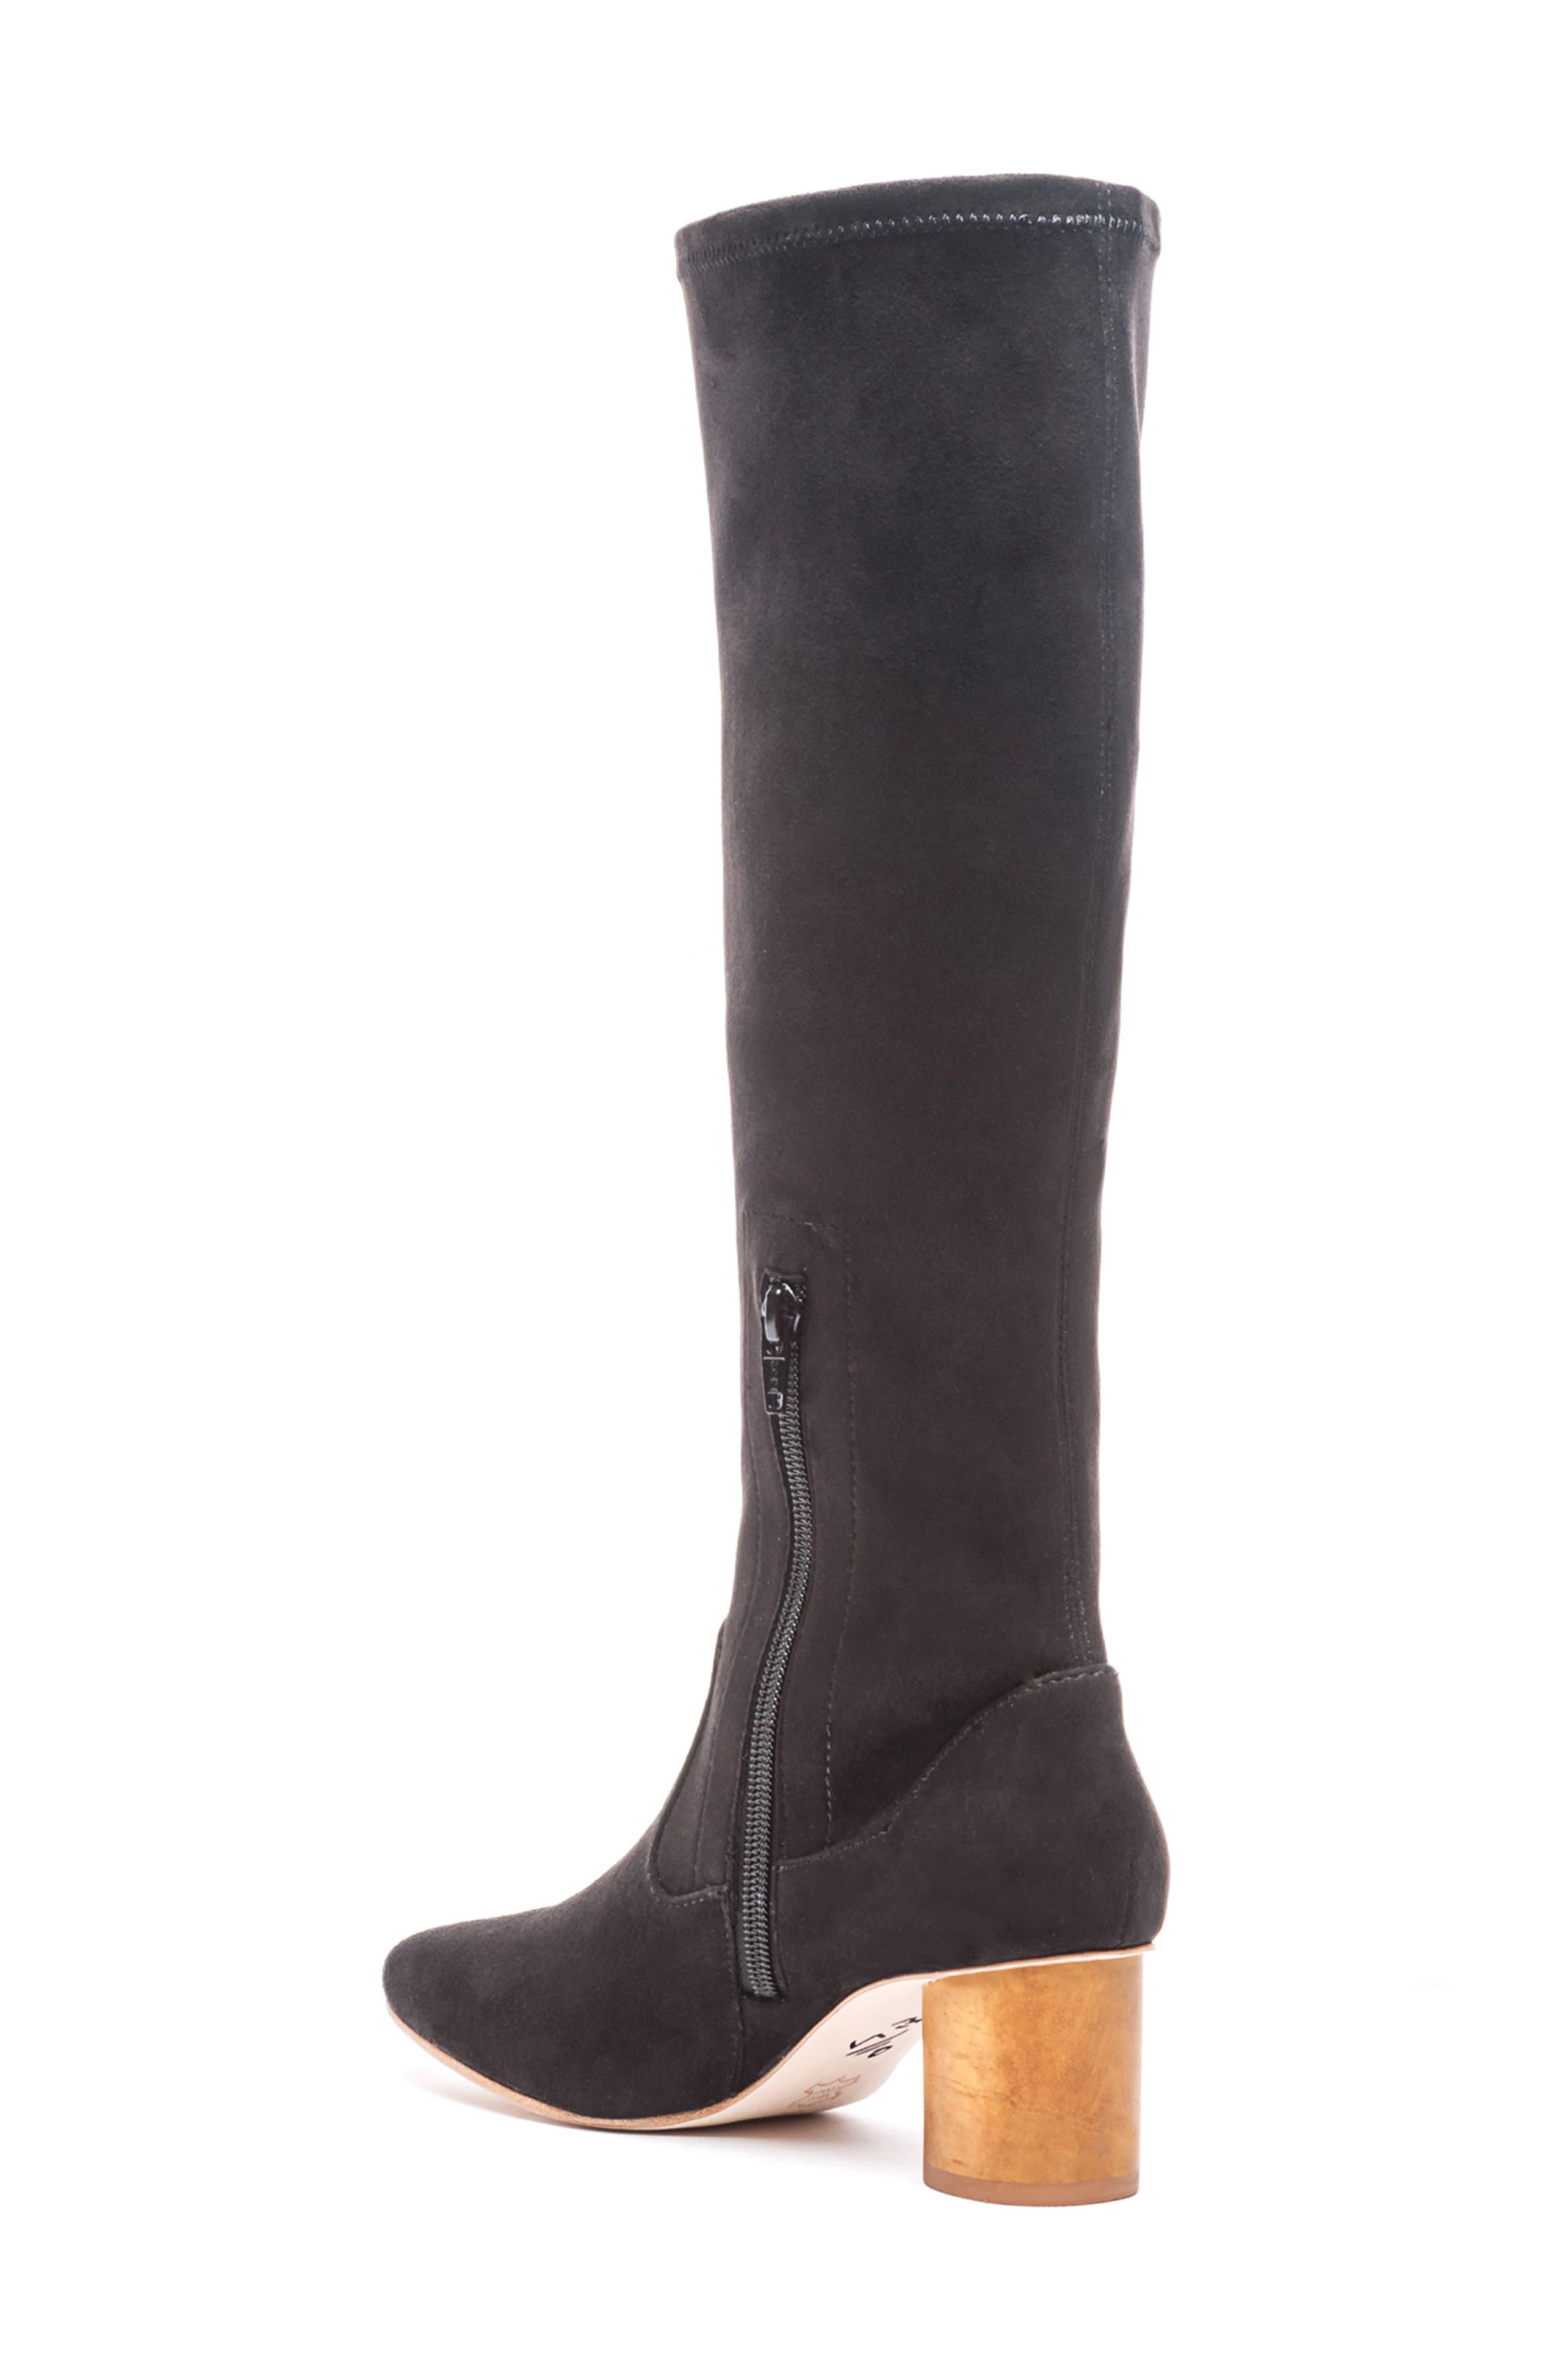 BERNARDO, Knee High Boot, Alternate thumbnail 2, color, BLACK LEATHER